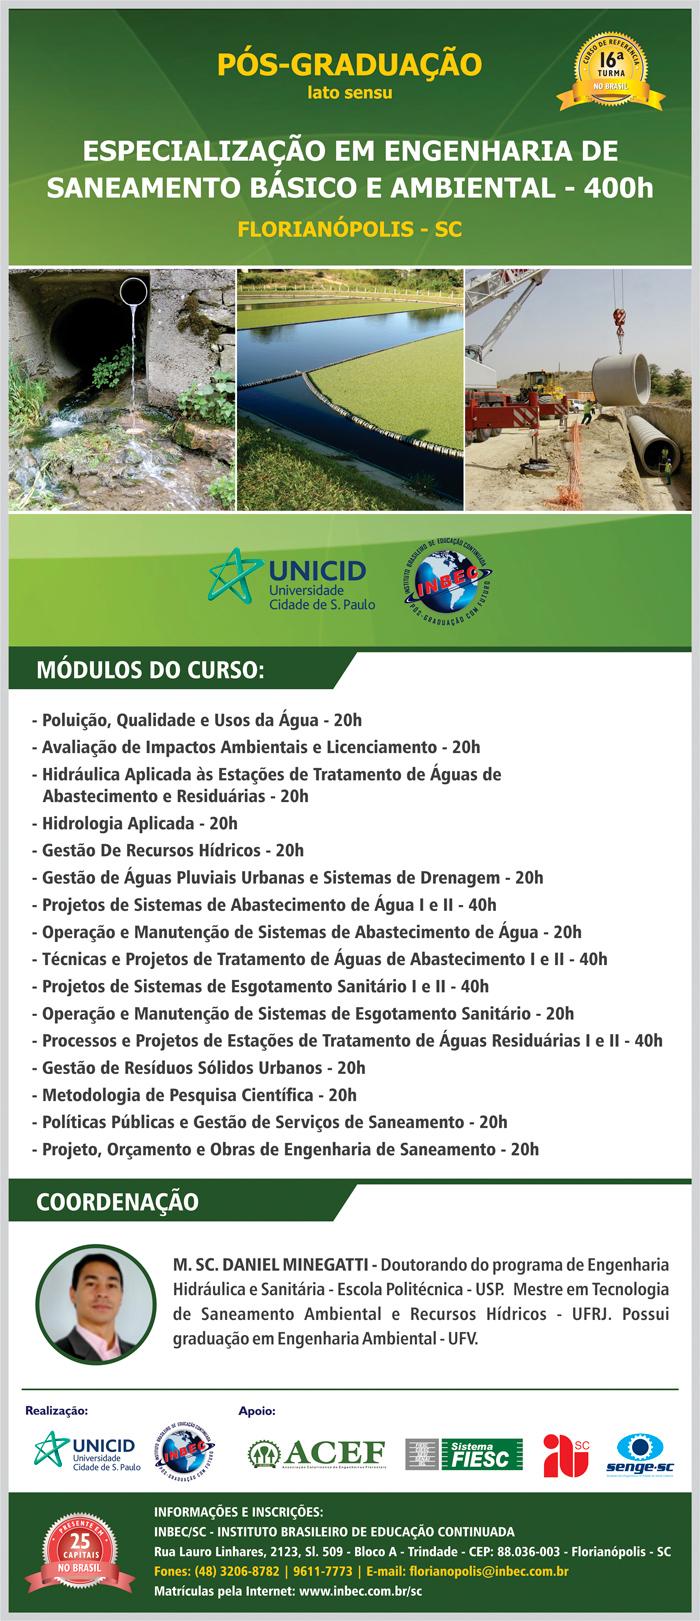 Resultado do sorteio da bolsa da Pós-Graduação Especialização em Engenharia de Saneamento Básico e Ambiental